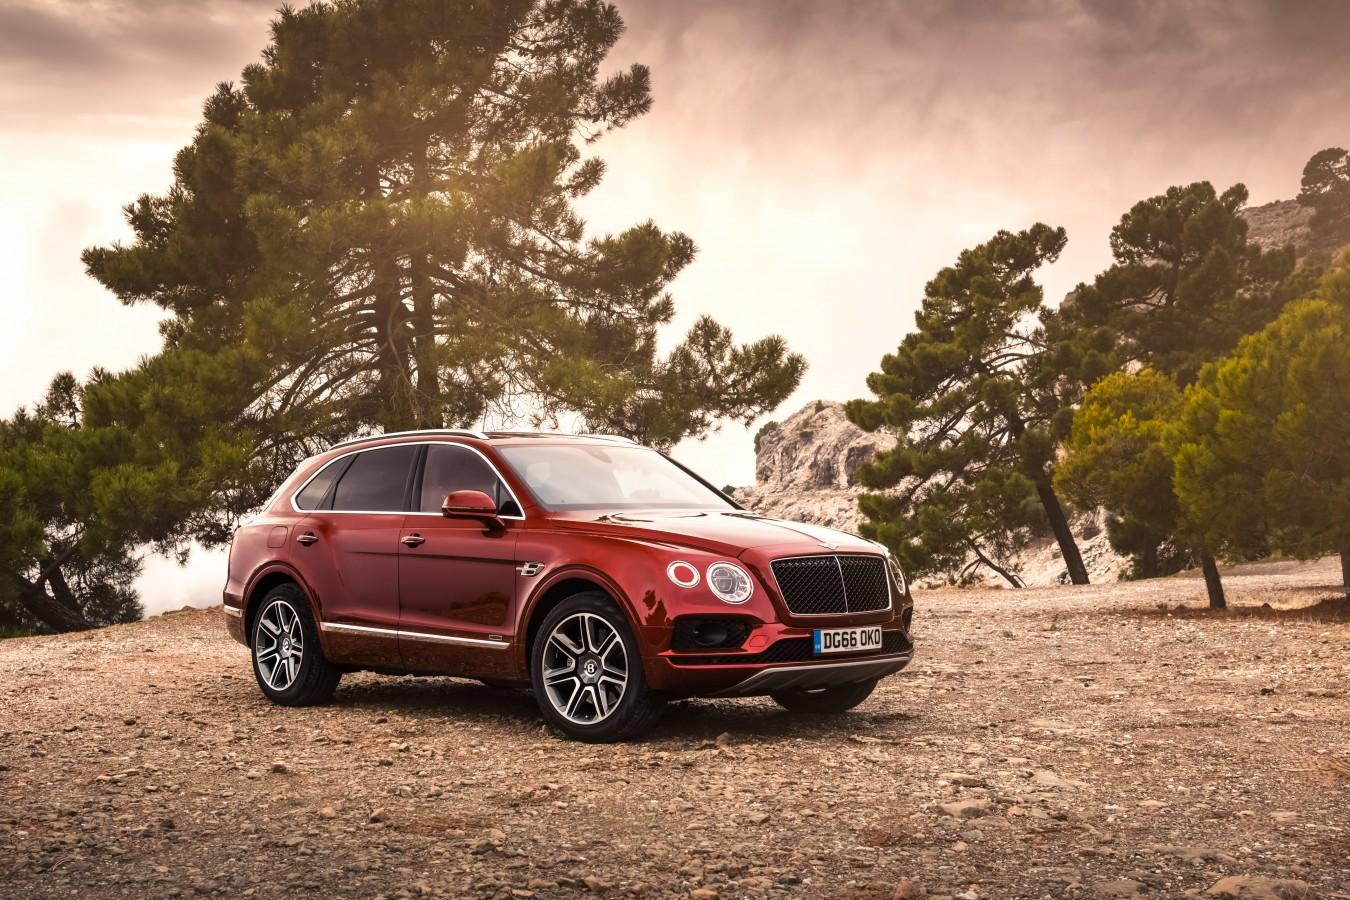 BENTLEY BENTAYGA DIESEL C ВЫГОДОЙ ДО 1 500 000 РУБЛЕЙ - изображение Rubino_Red_0011 на Bentleymoscow.ru!